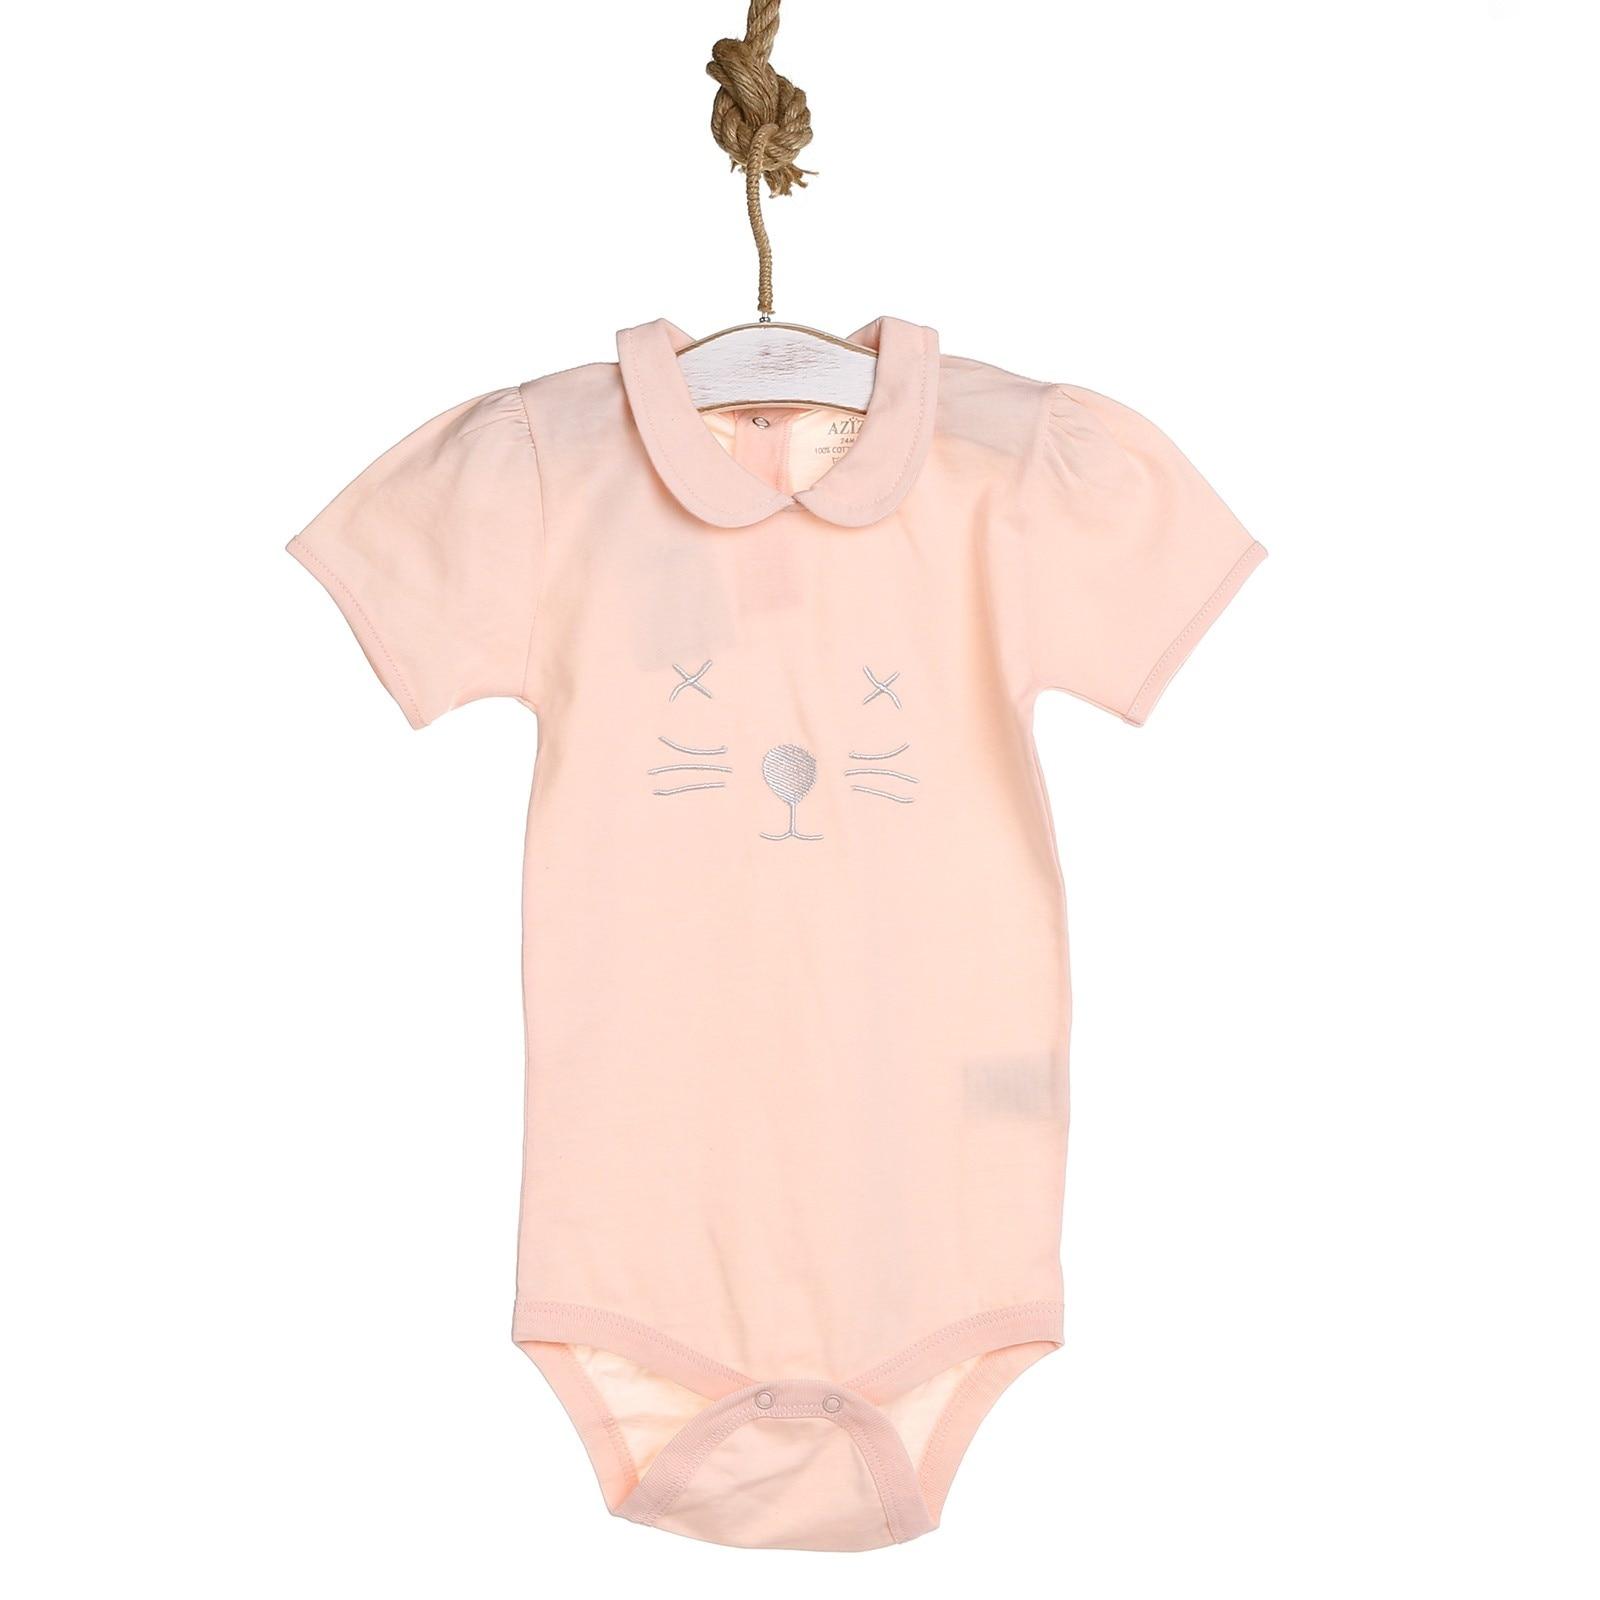 Ebebek Aziz Bebe Baby Girl Summer Short Sleeve Bodysuit